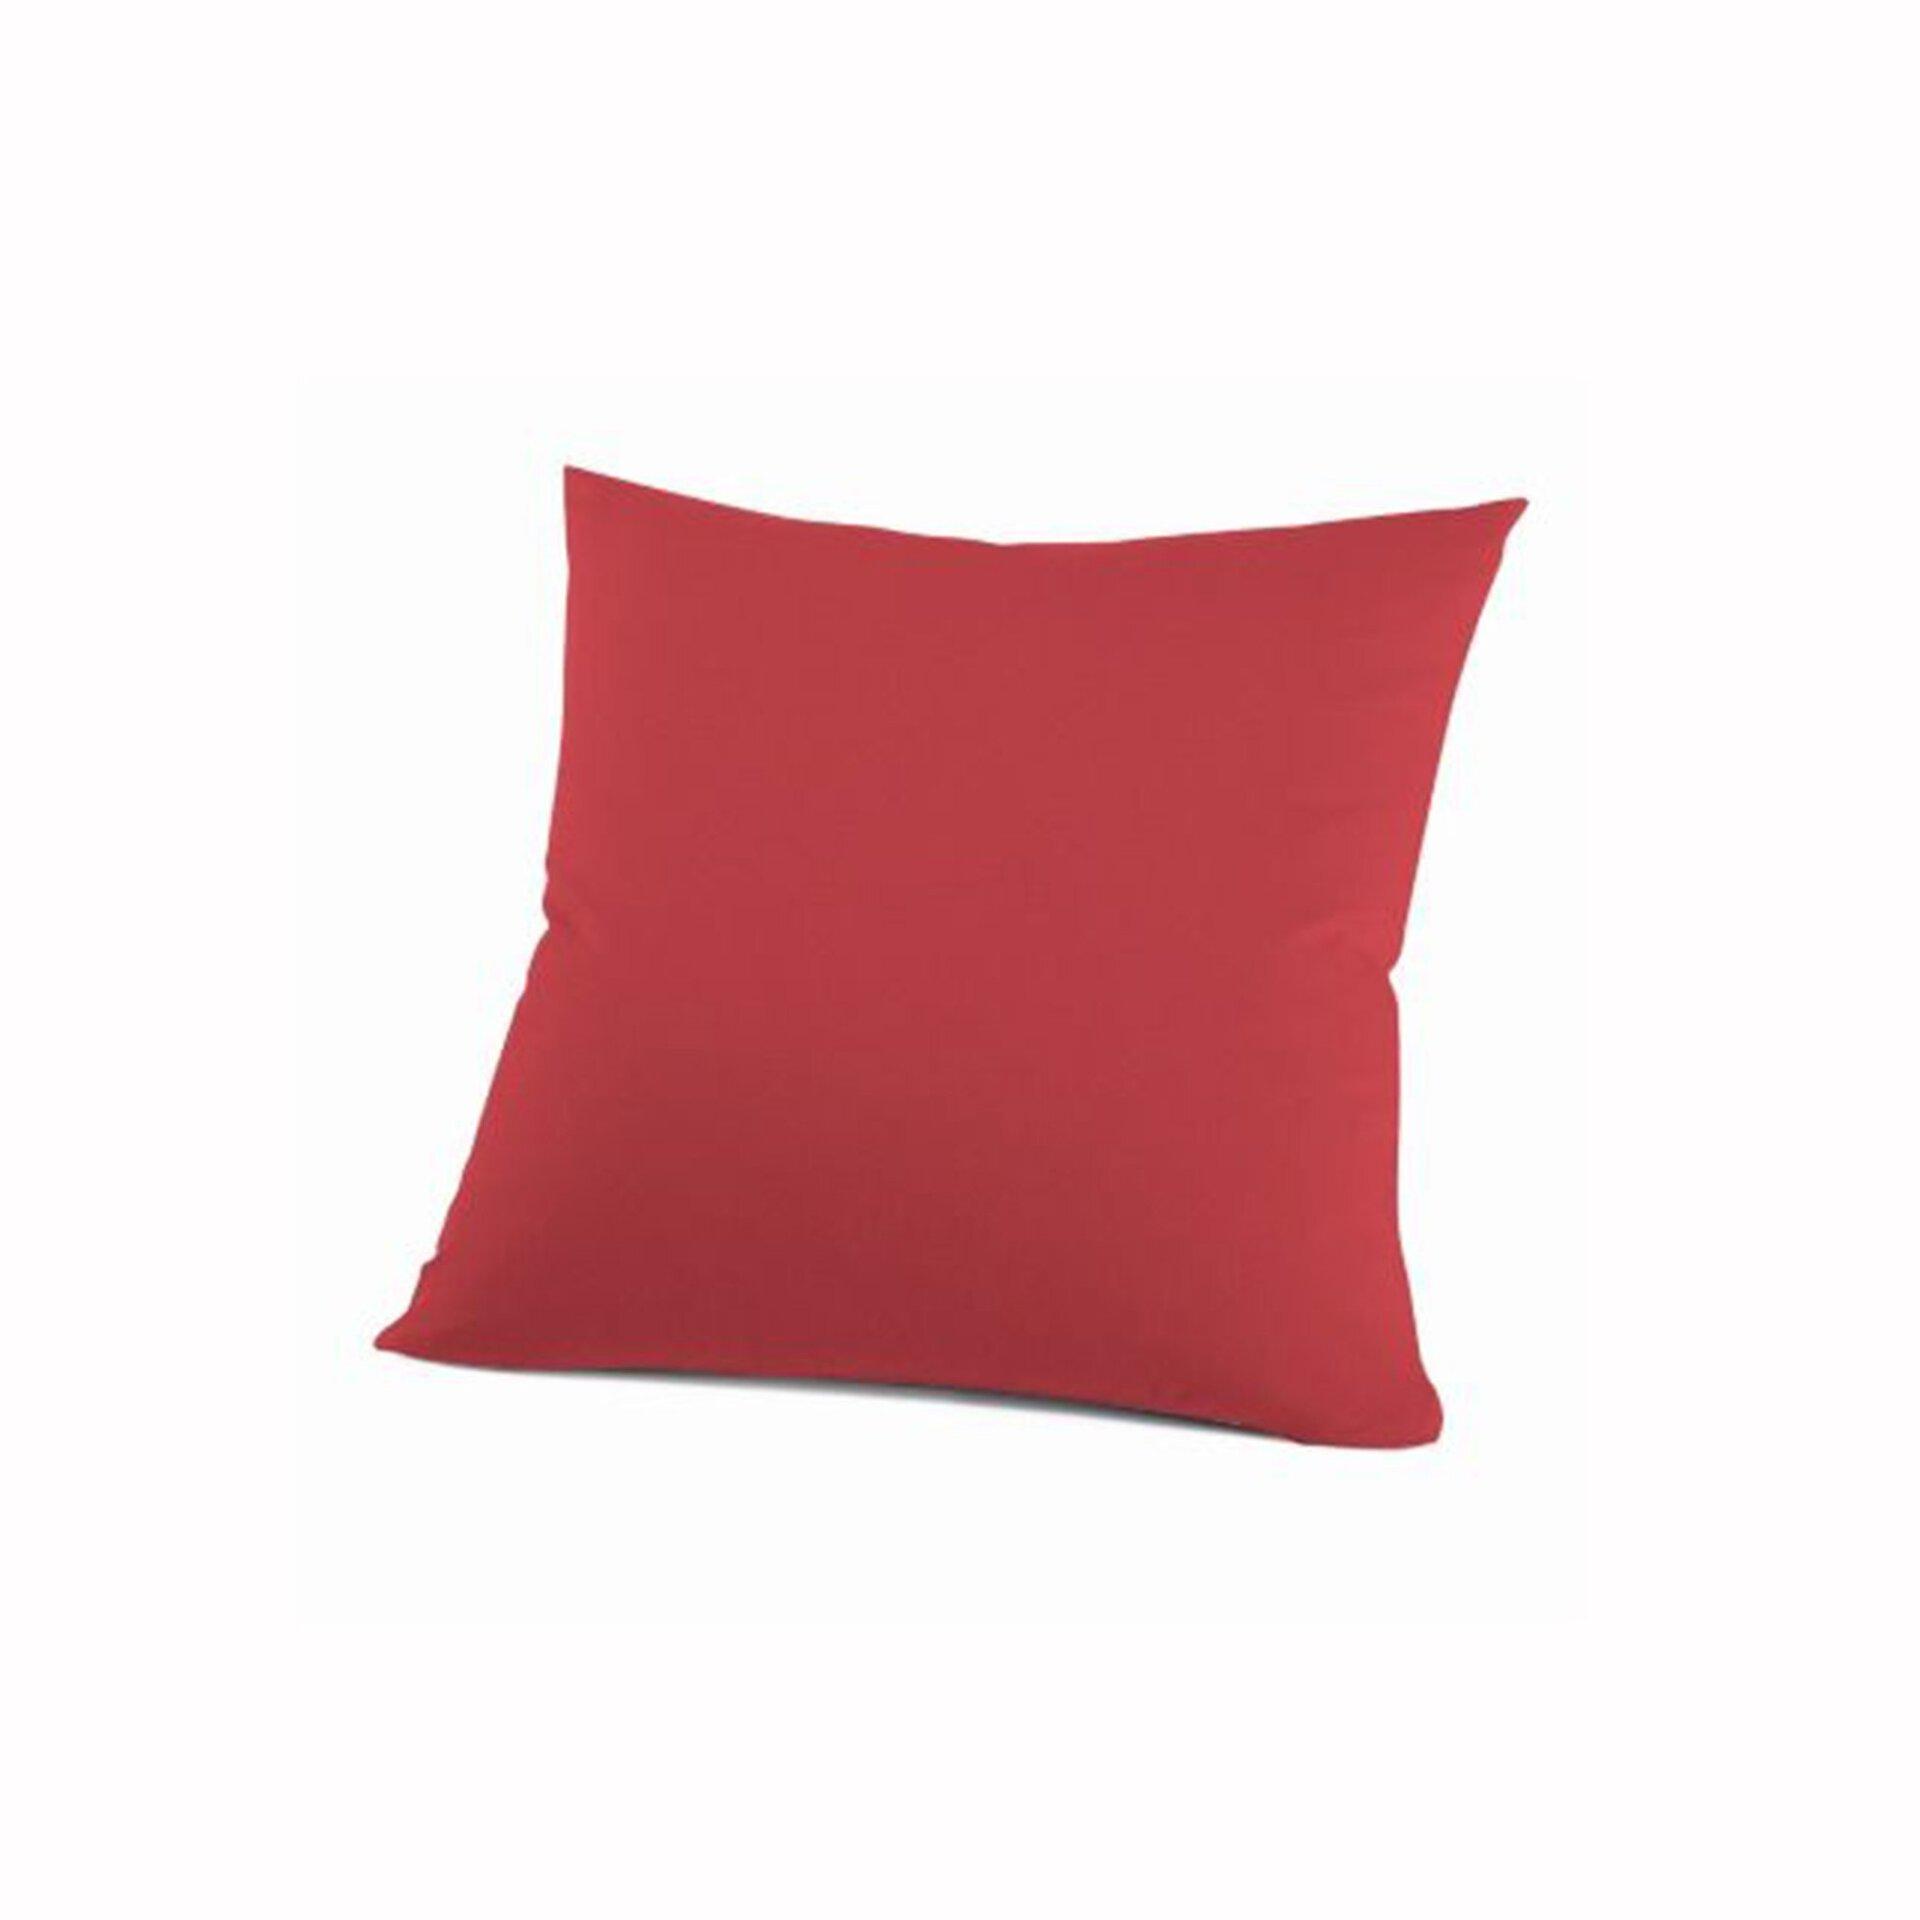 Kissenhülle Schlafgut Textil rot 80 x 80 cm